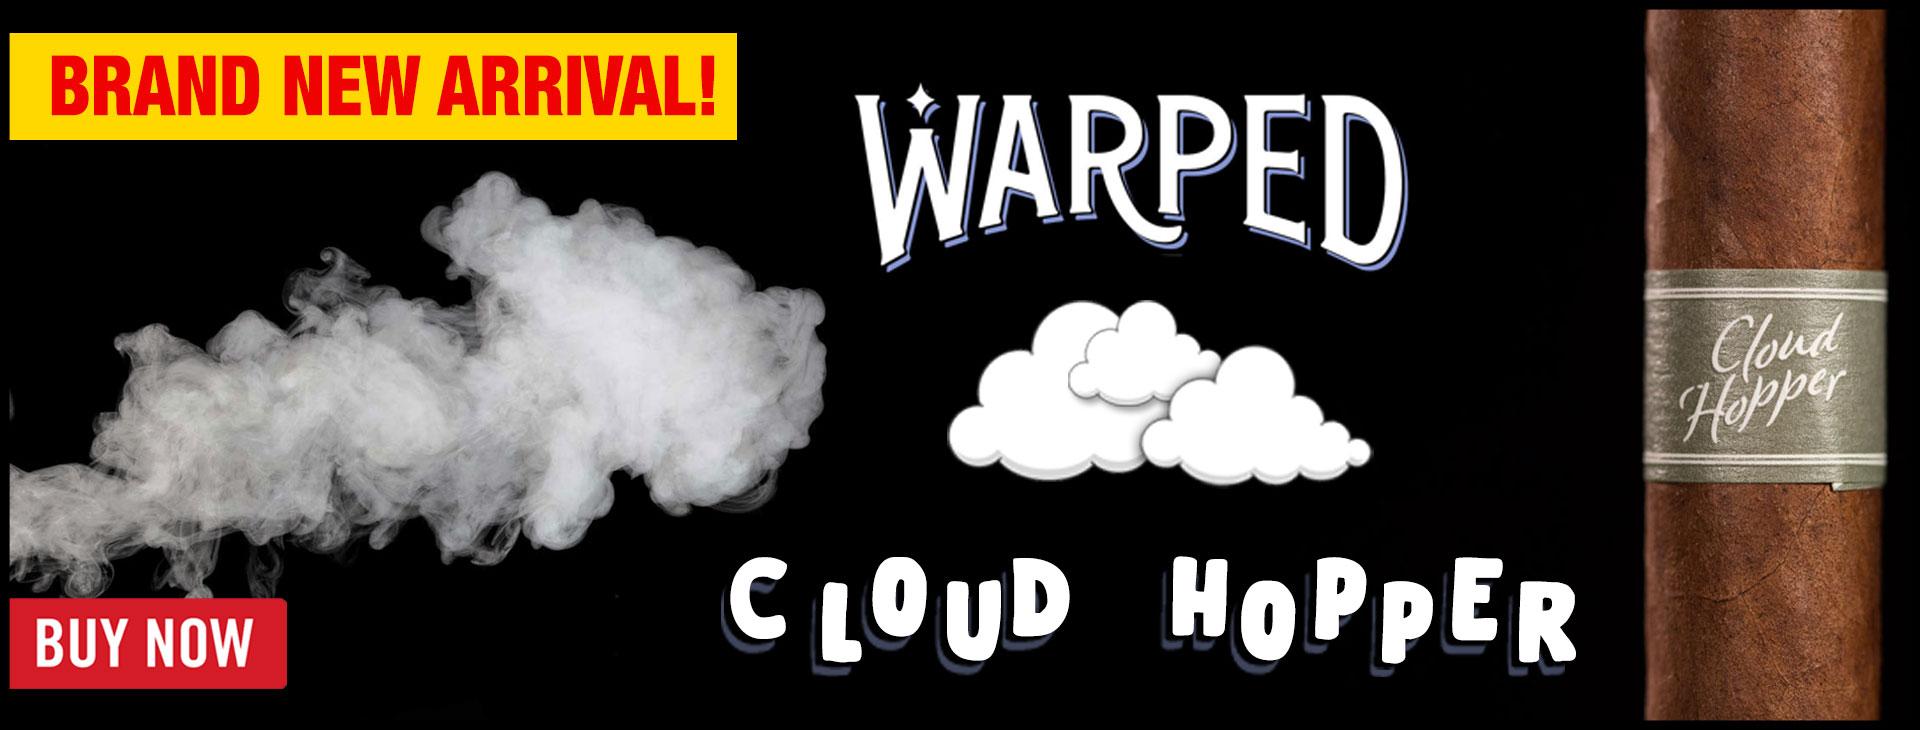 warped-cloud-hopper-2020-banner.jpg